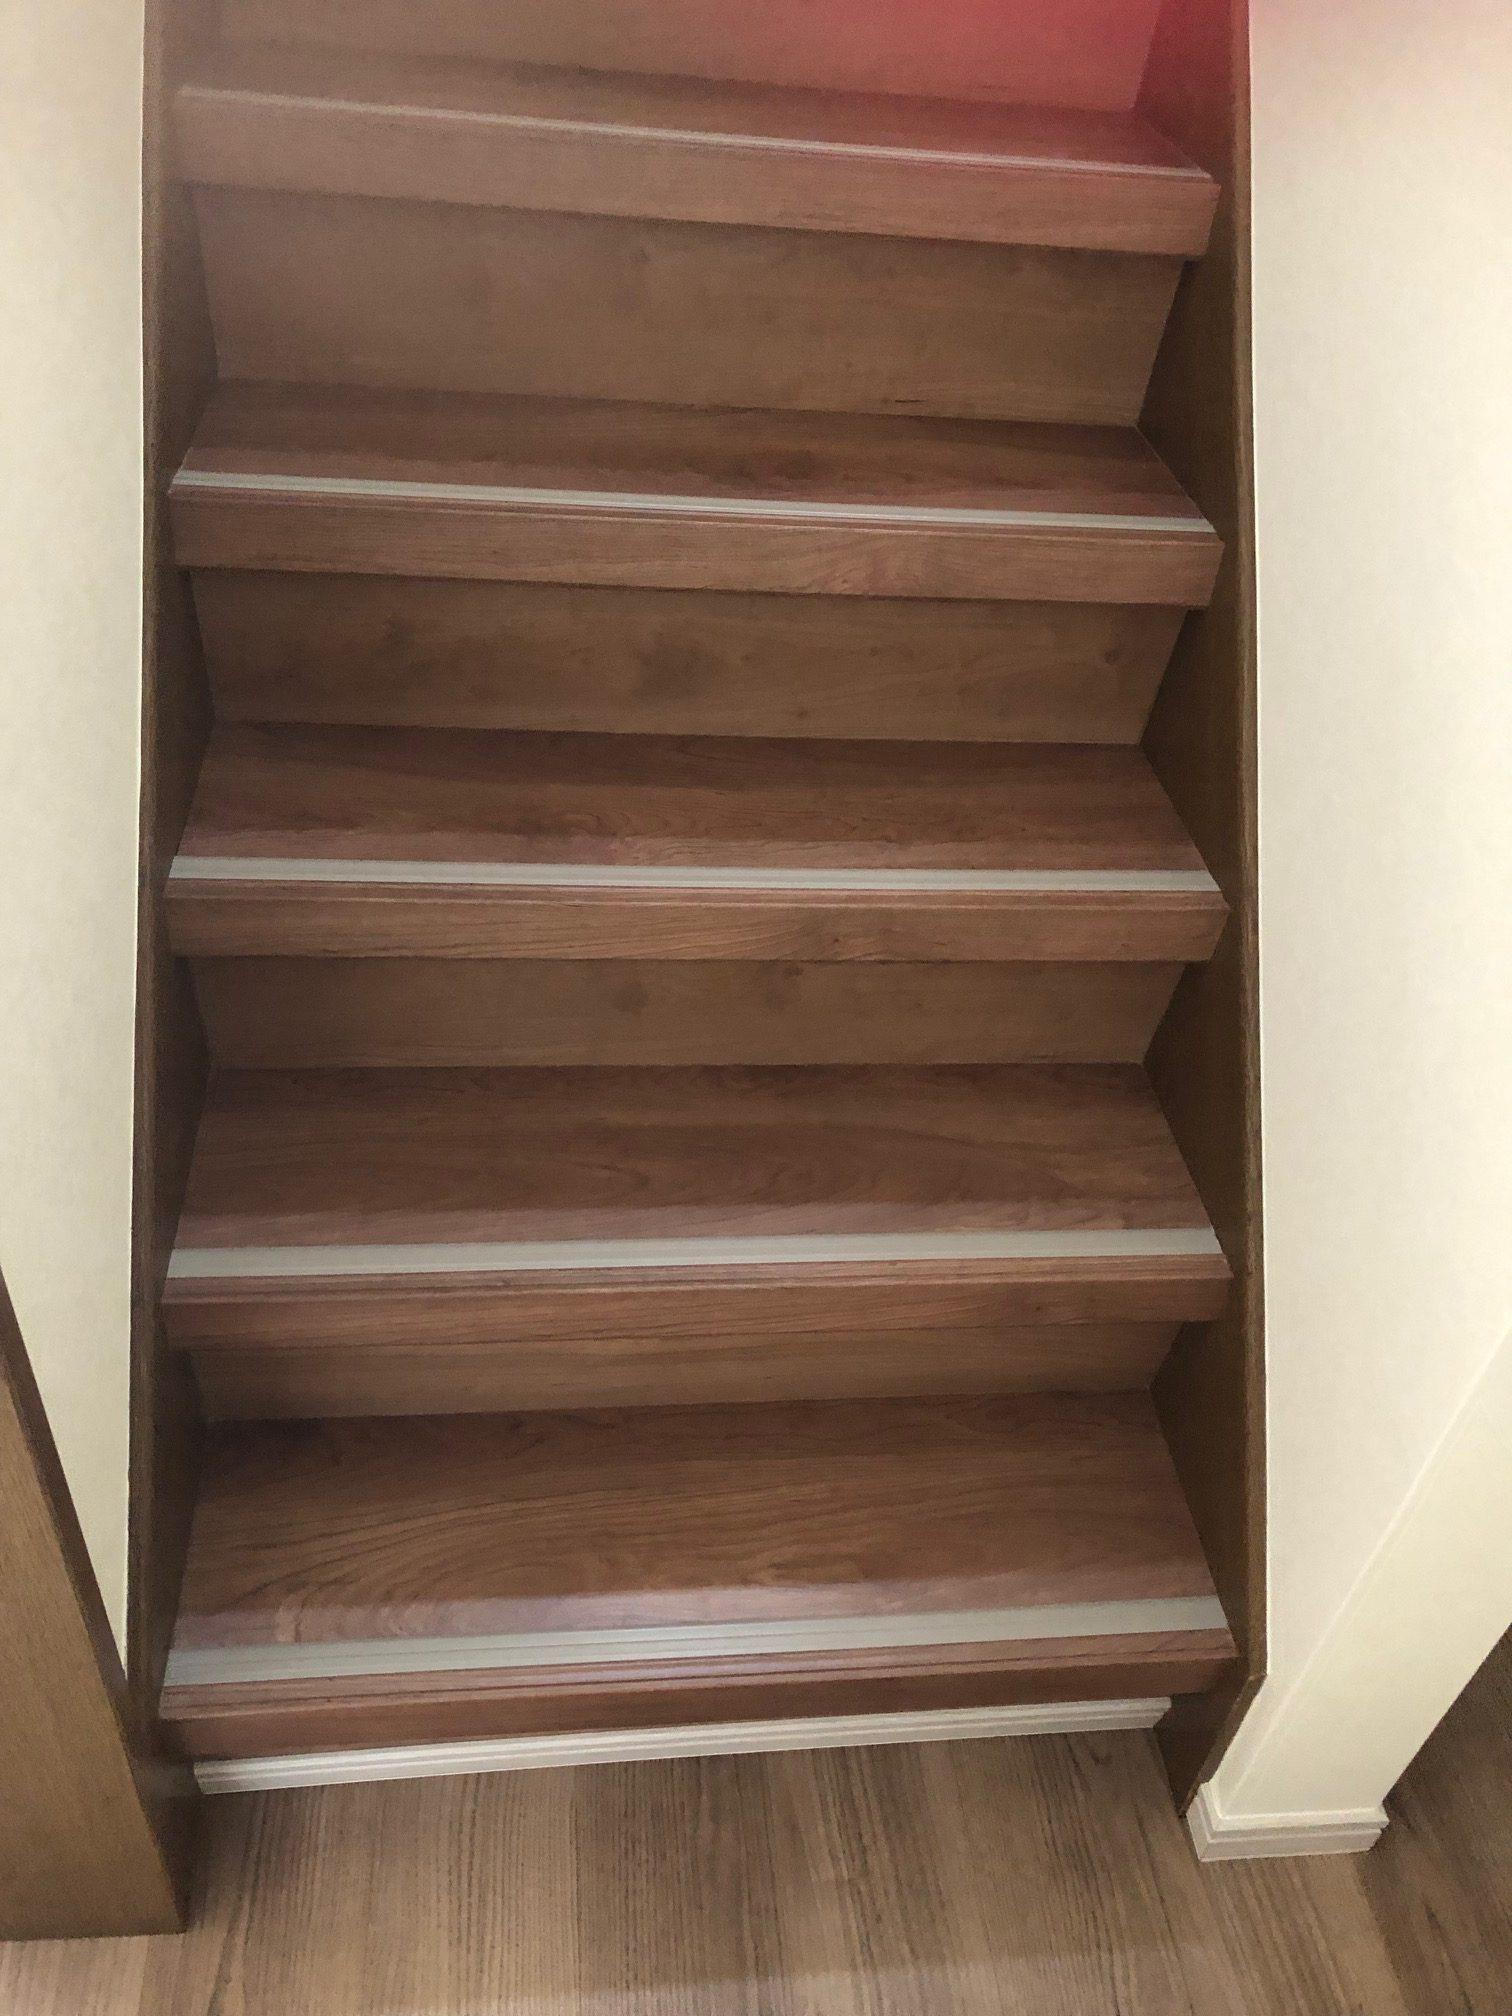 姫路市 階段のシートの剥離をなおしたい